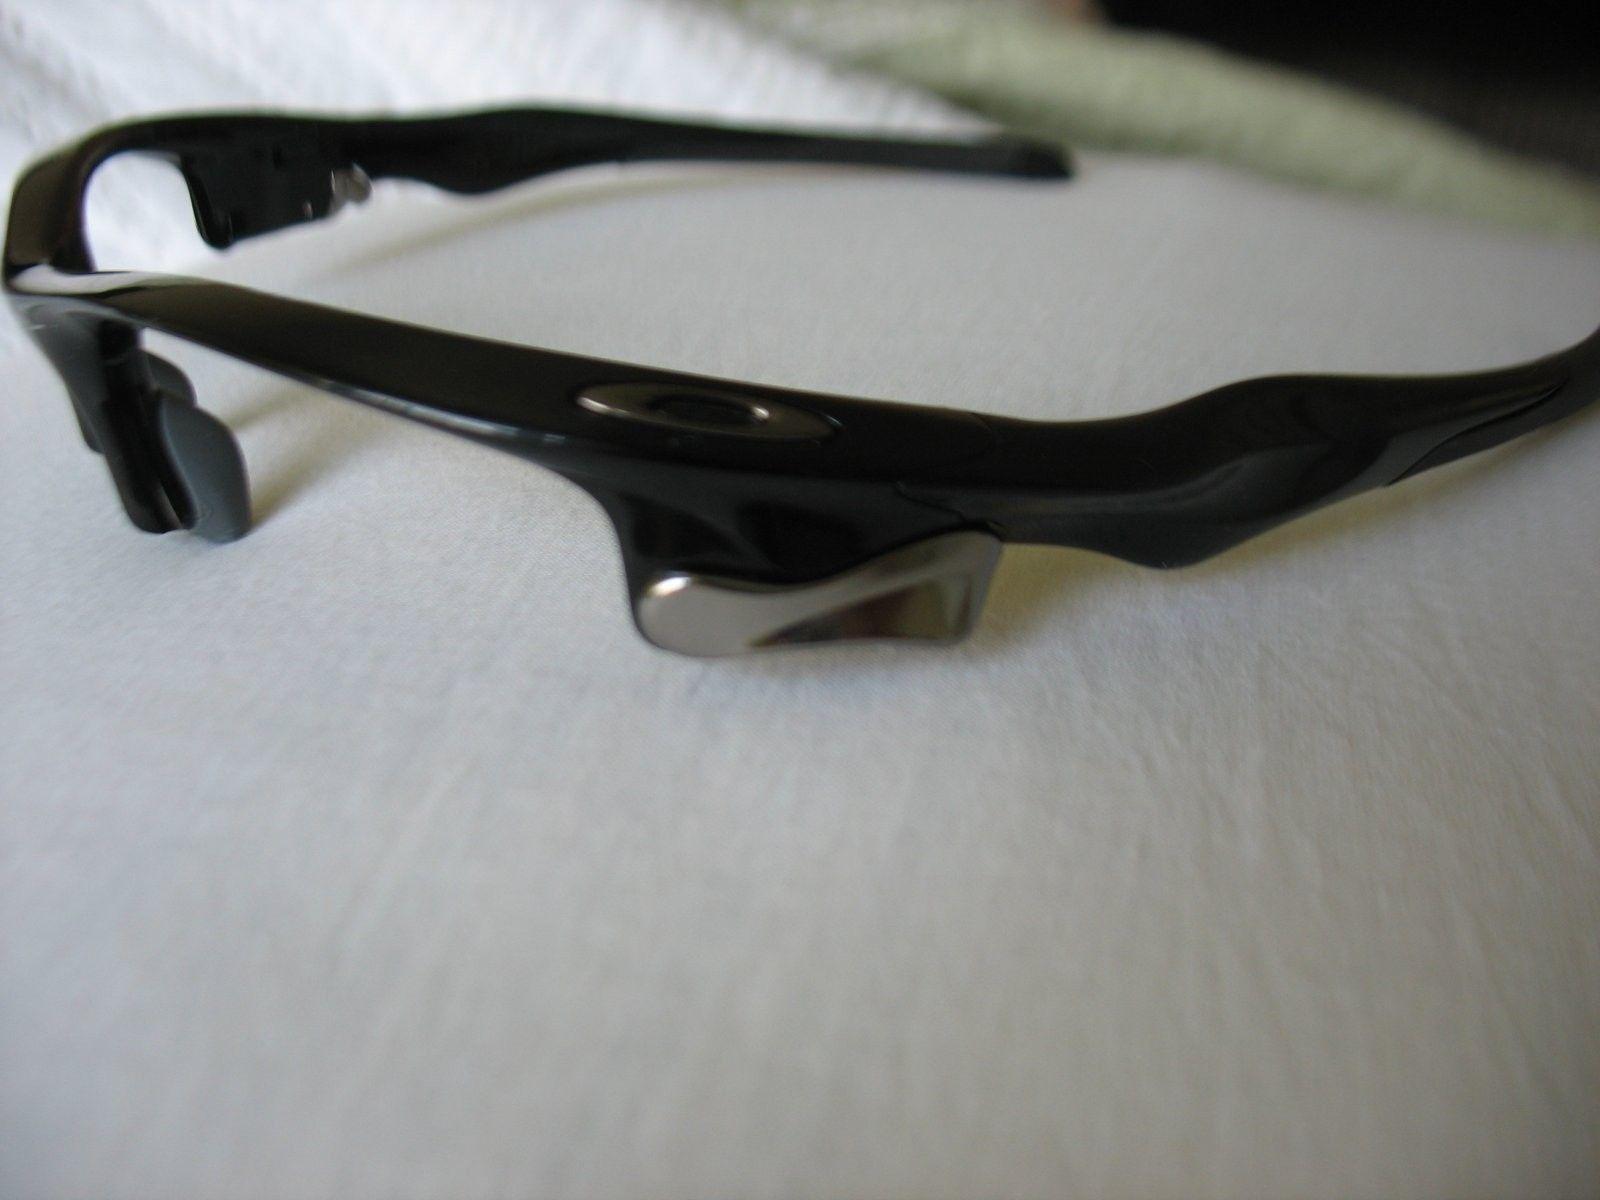 For Sale - Polished Black Fast Jacket Frame Only, New | Oakley Forum